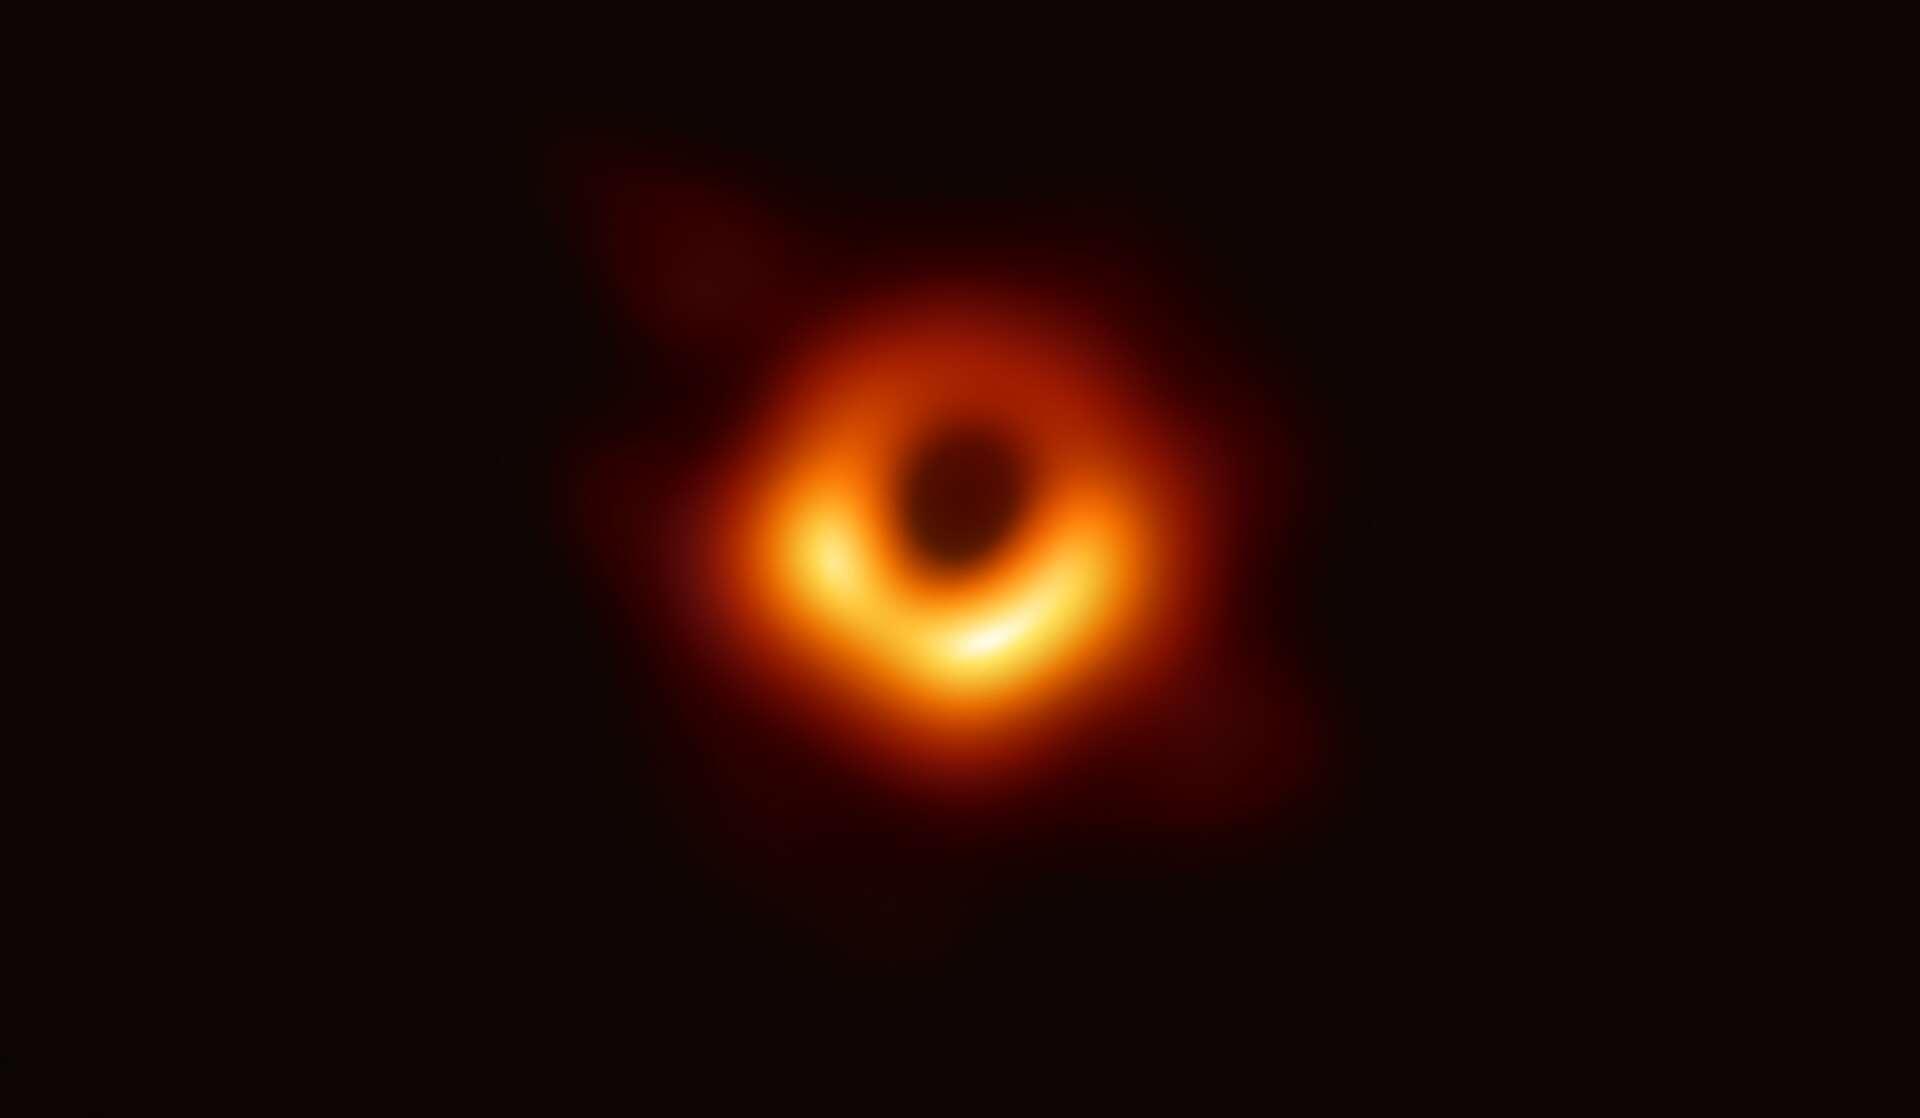 M87* situé au cœur de la galaxie M87 à plus de 53 millions d'années-lumière de nous est le premier trou noir dont on a obtenu une image. © Event Horizon Telescope